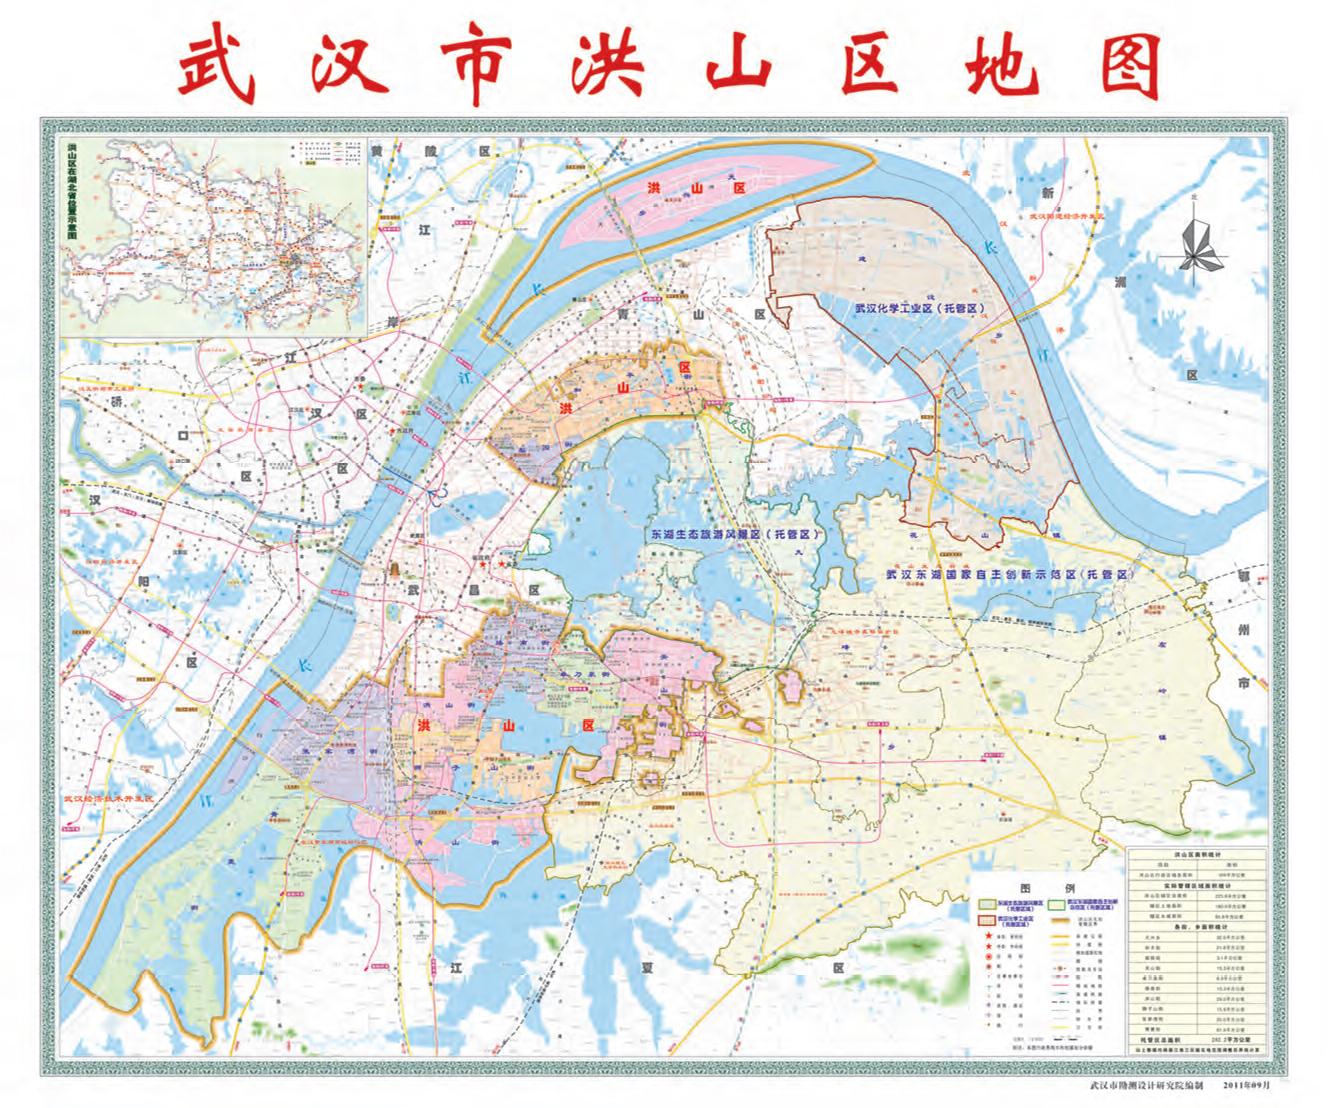 论坛 69 都市地铁 69 武汉区 69 2017年洪山区的行政区划地图